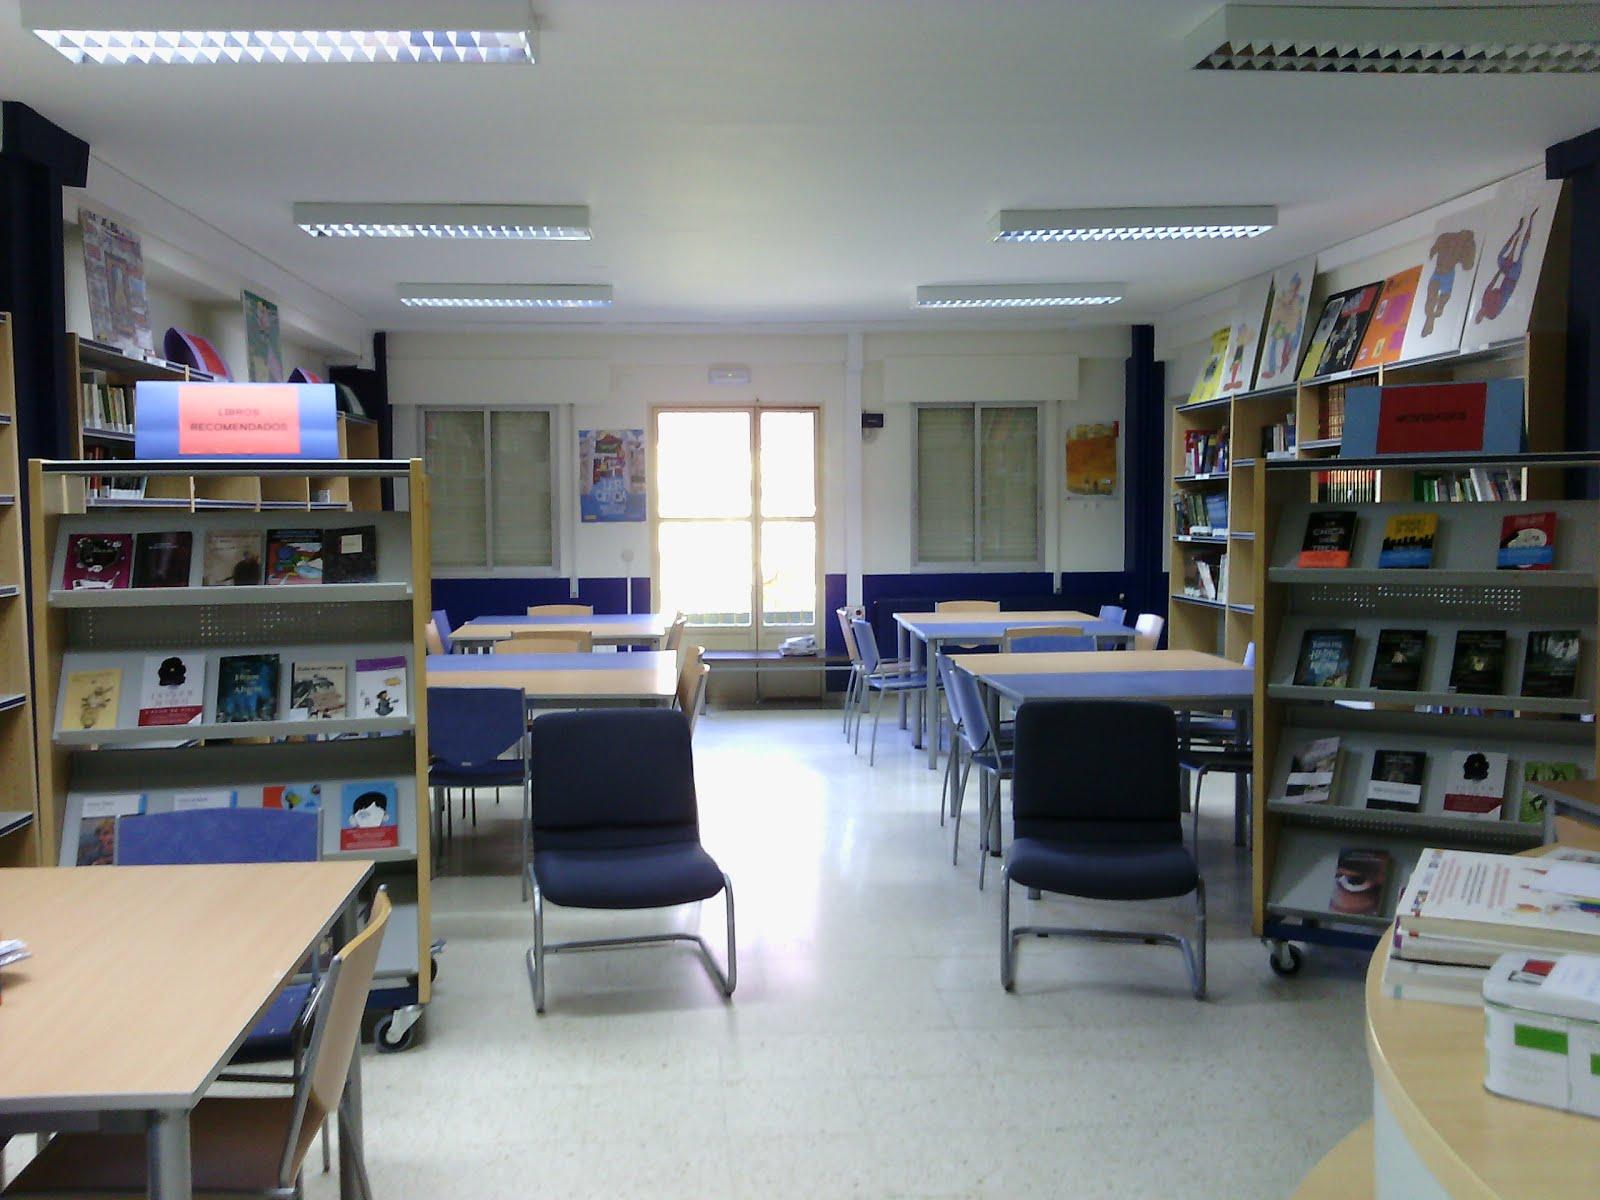 Gústache ler? Esperámoste nun espazo tranquilo e acolledor.